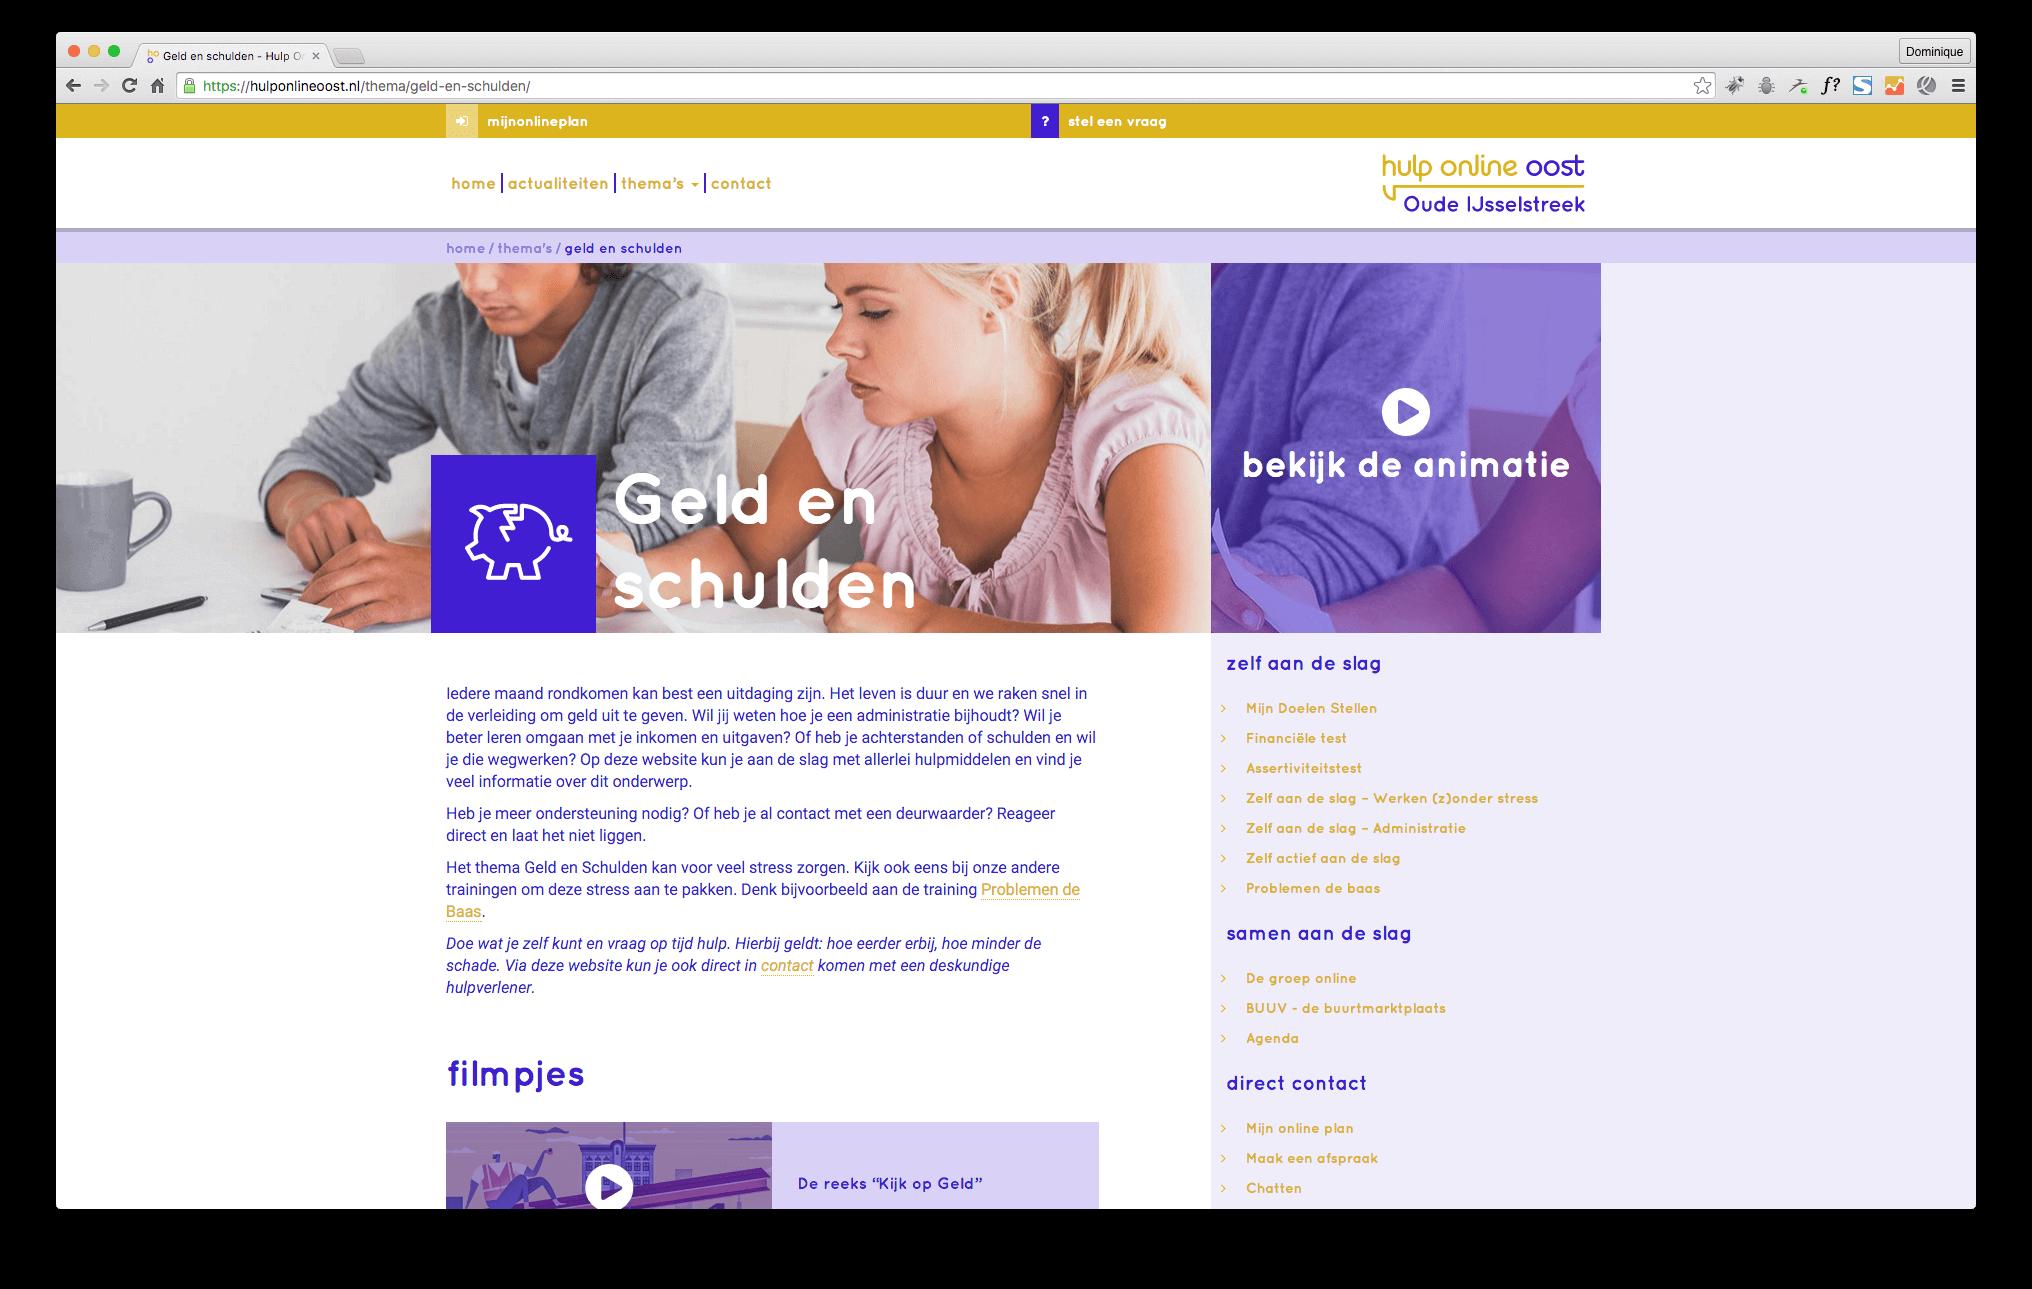 Hulp Online Oost